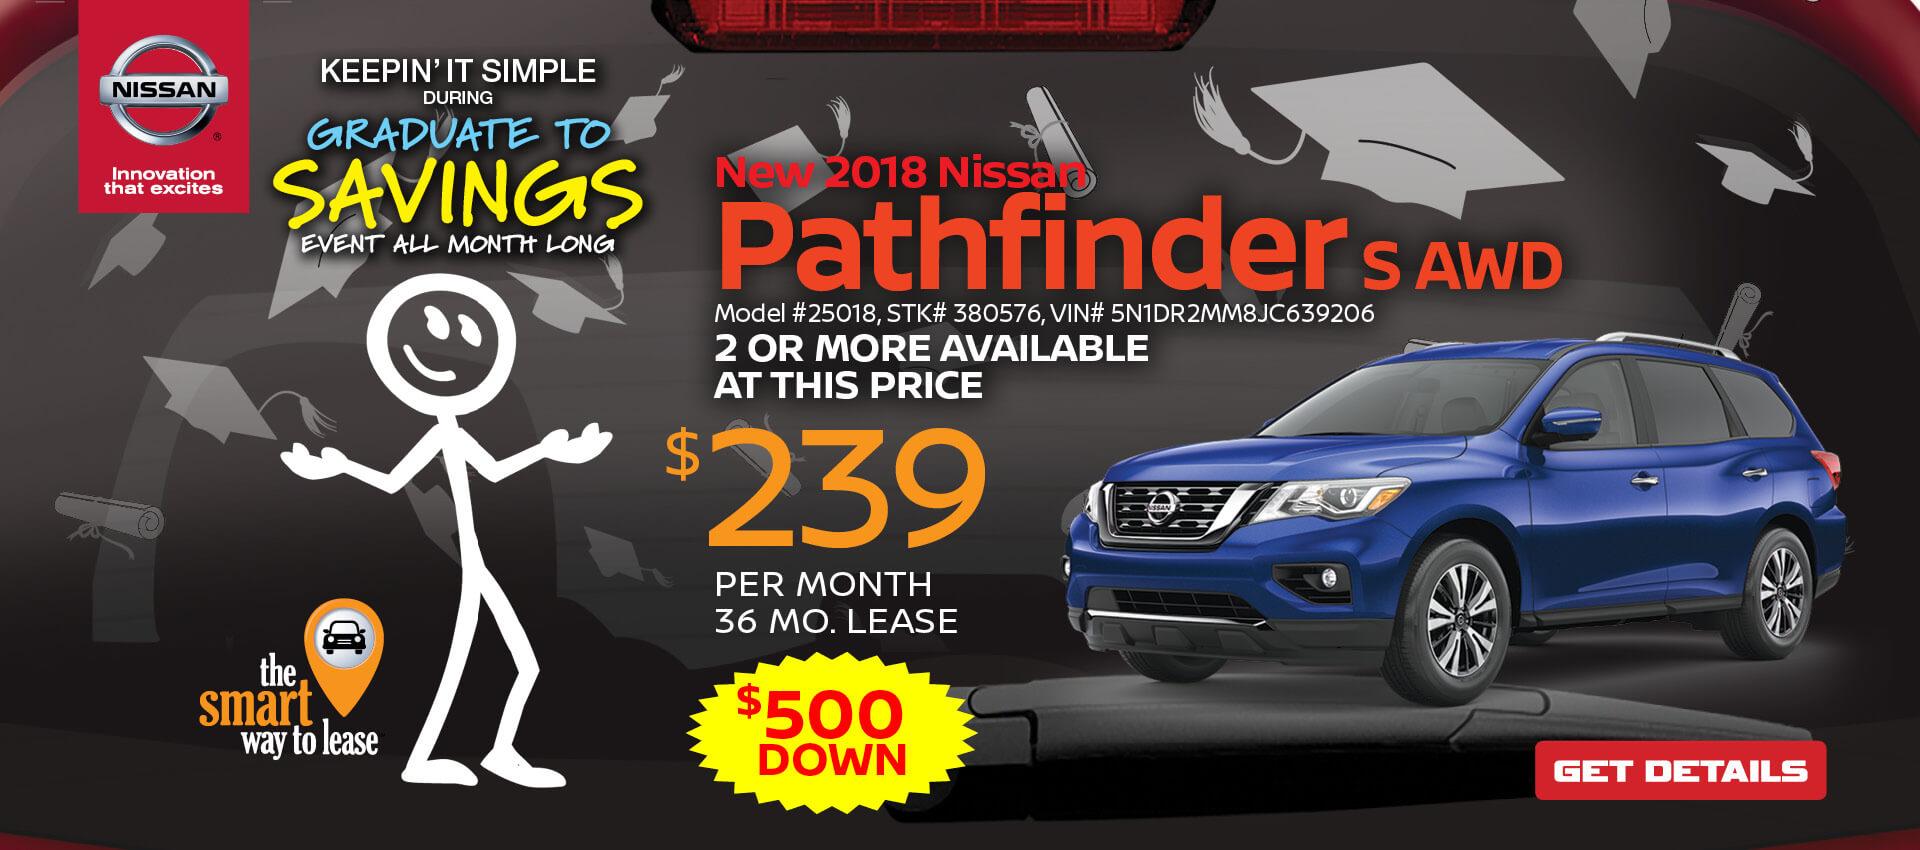 Pathfinder $239